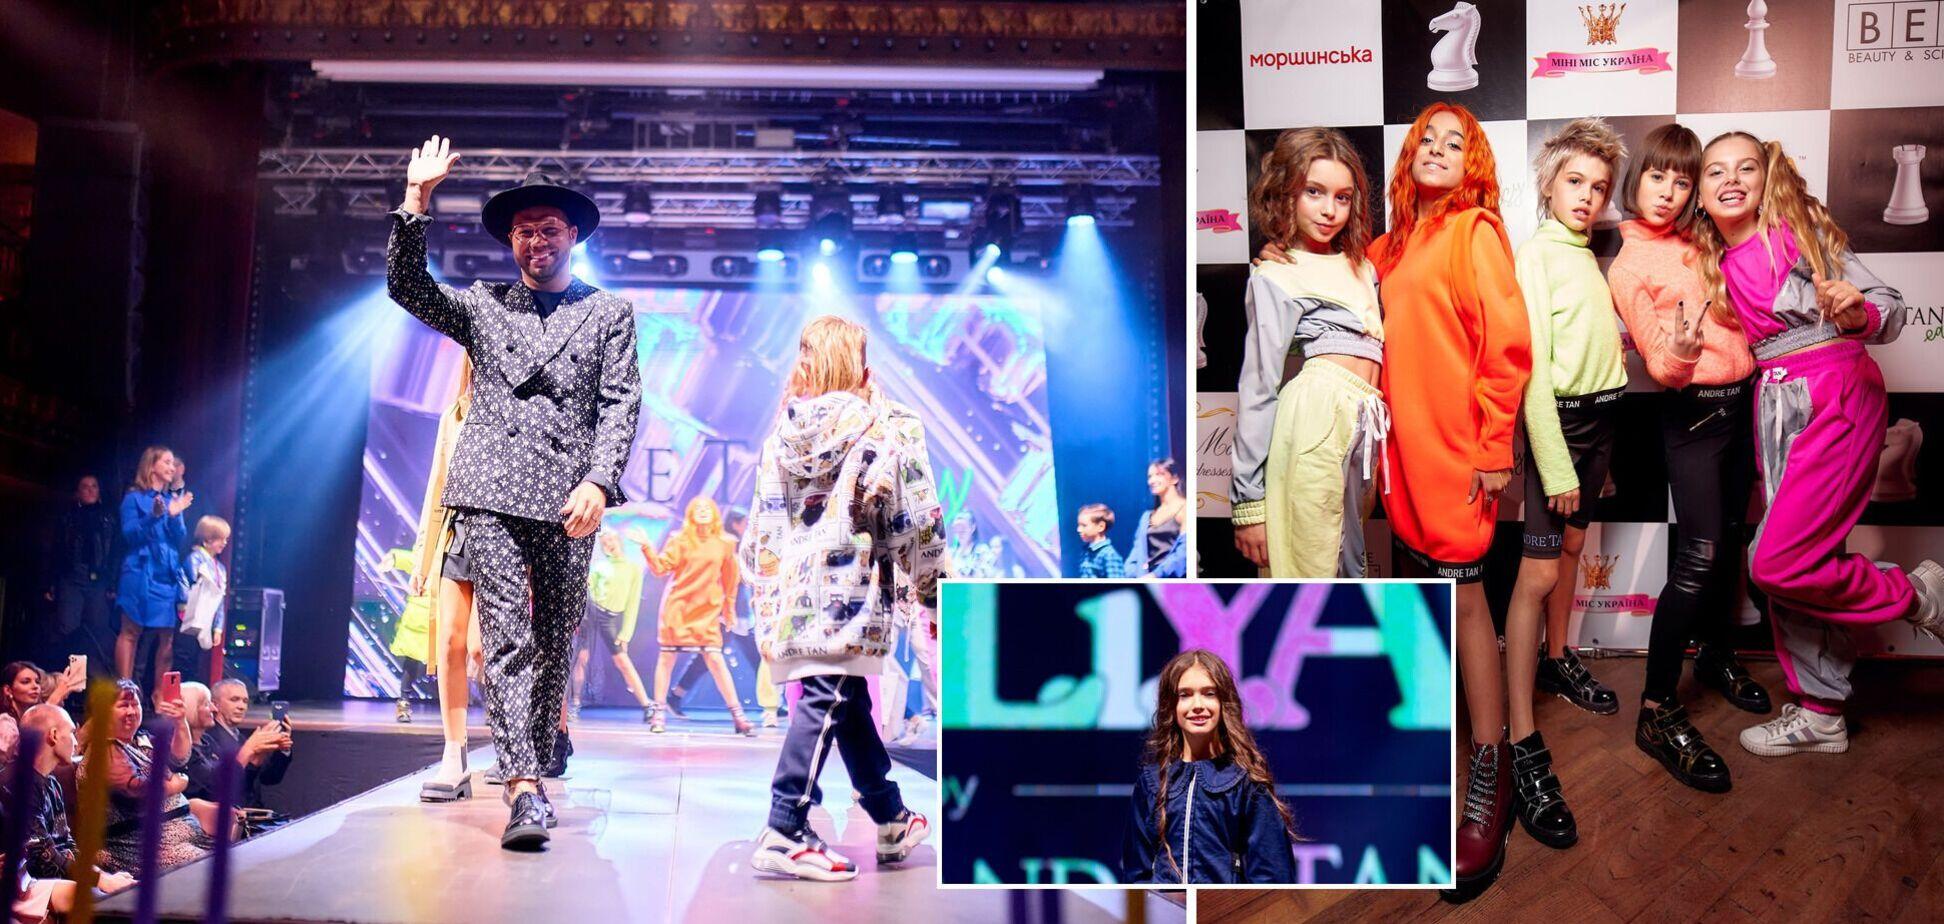 Андре Тан совместно с брендом LIYA представил новую коллекцию одежды для подростков. Фото